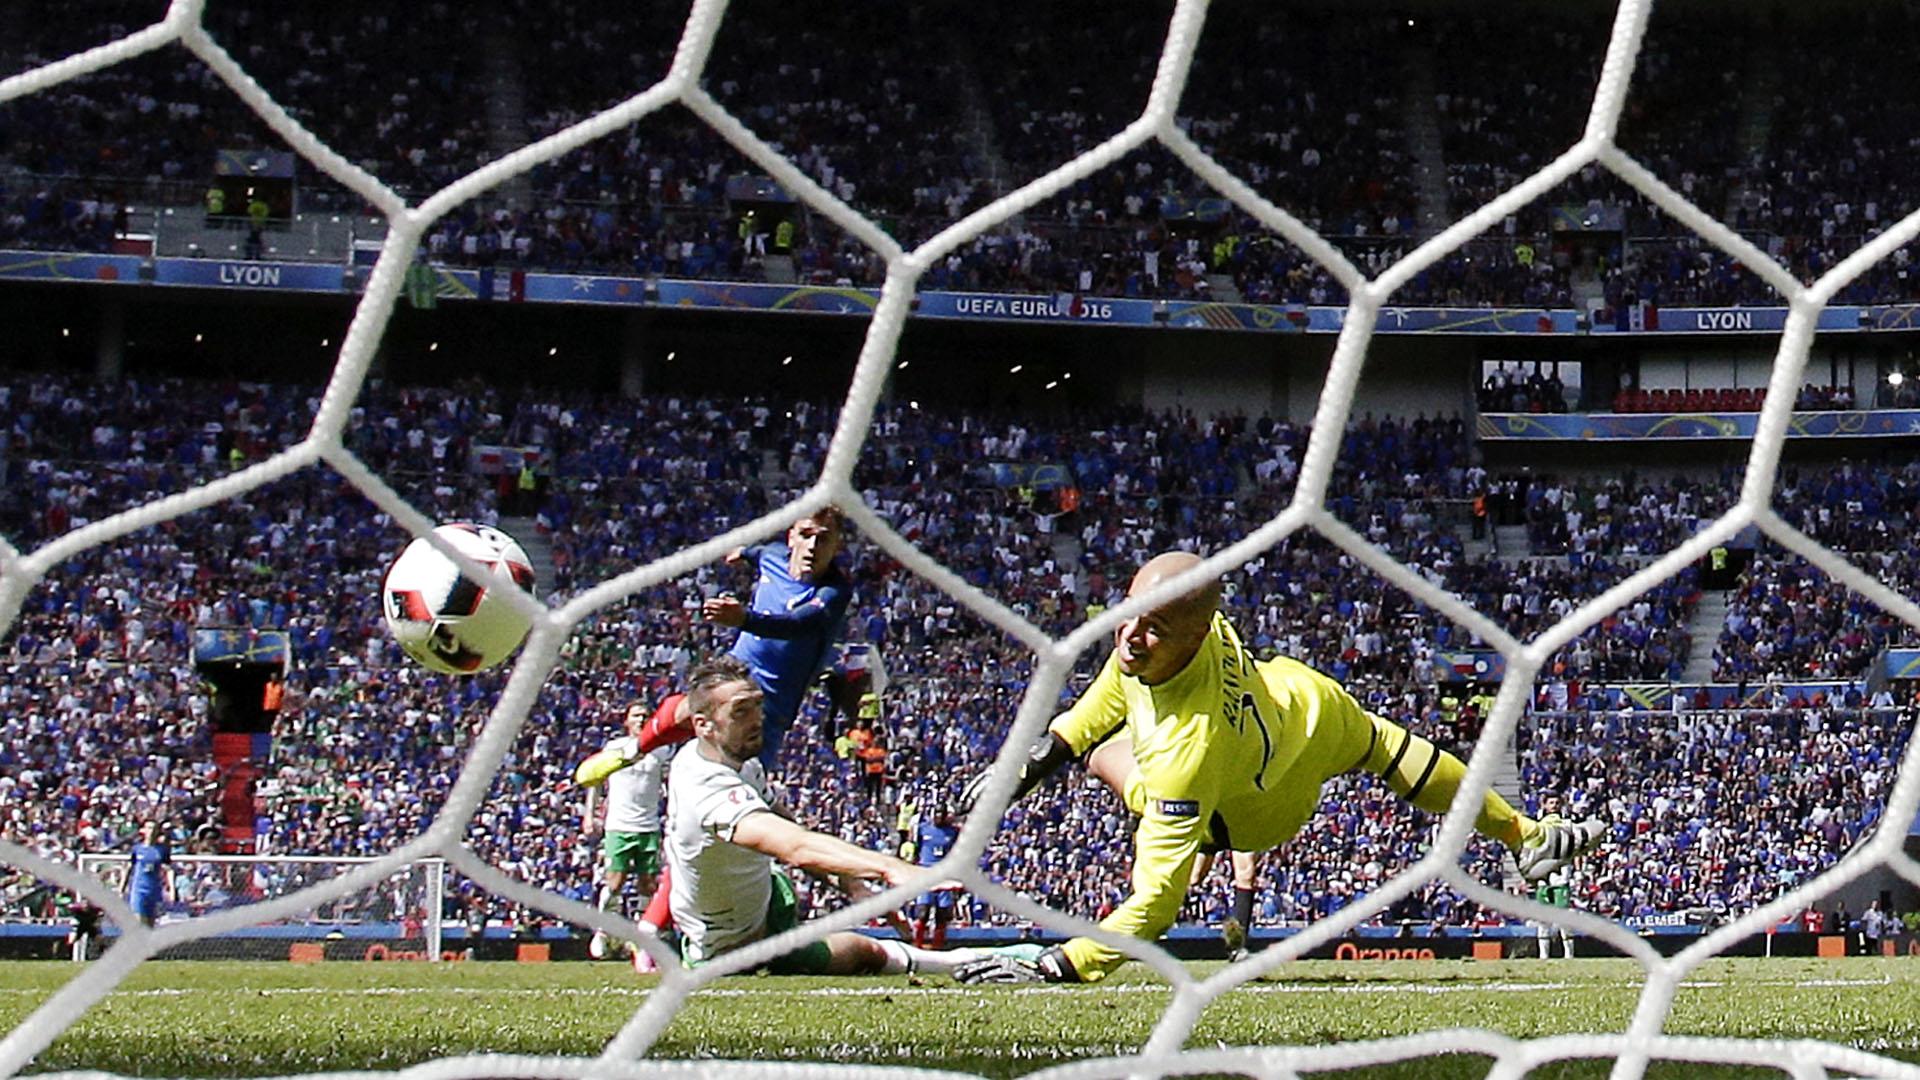 Griezmann chuta para marcar o gol da vitória da França sobre a Irlanda (AP Photo/Laurent Cipriani)